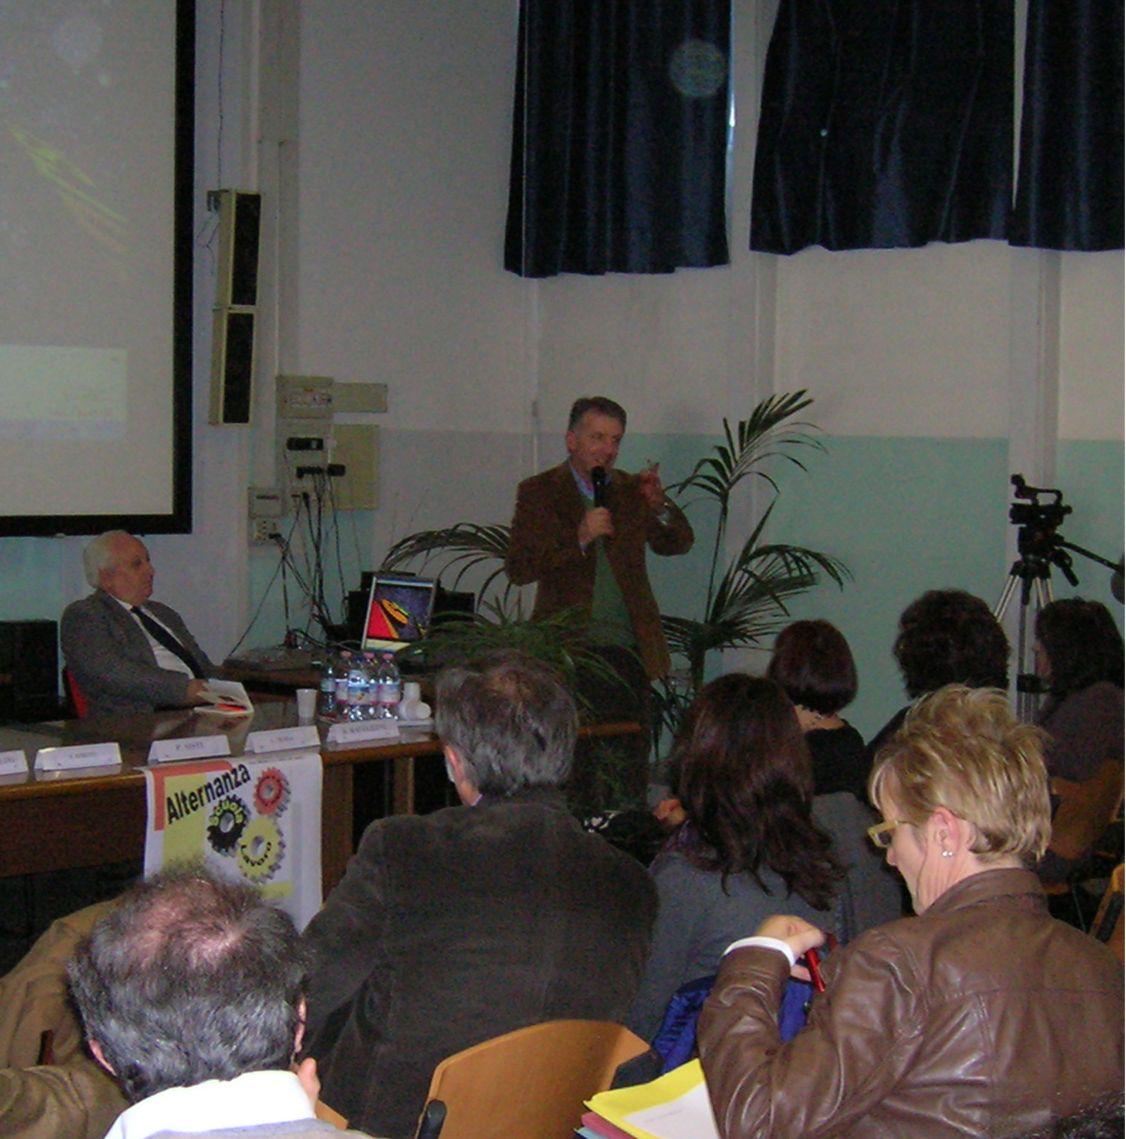 Conferenza Alternanza Scuola Lavoro